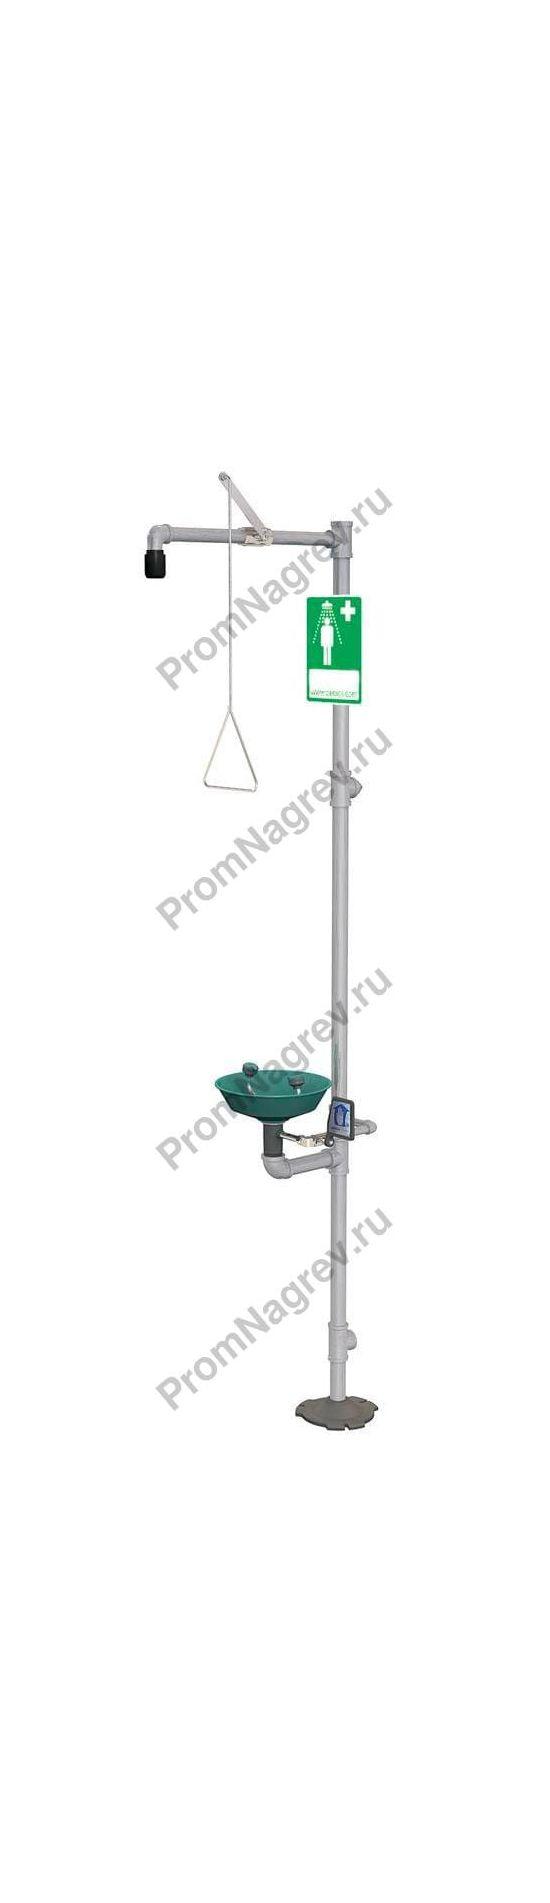 Аварийный душ для глаз и тела, G 1902, с пластиковым резервуаром